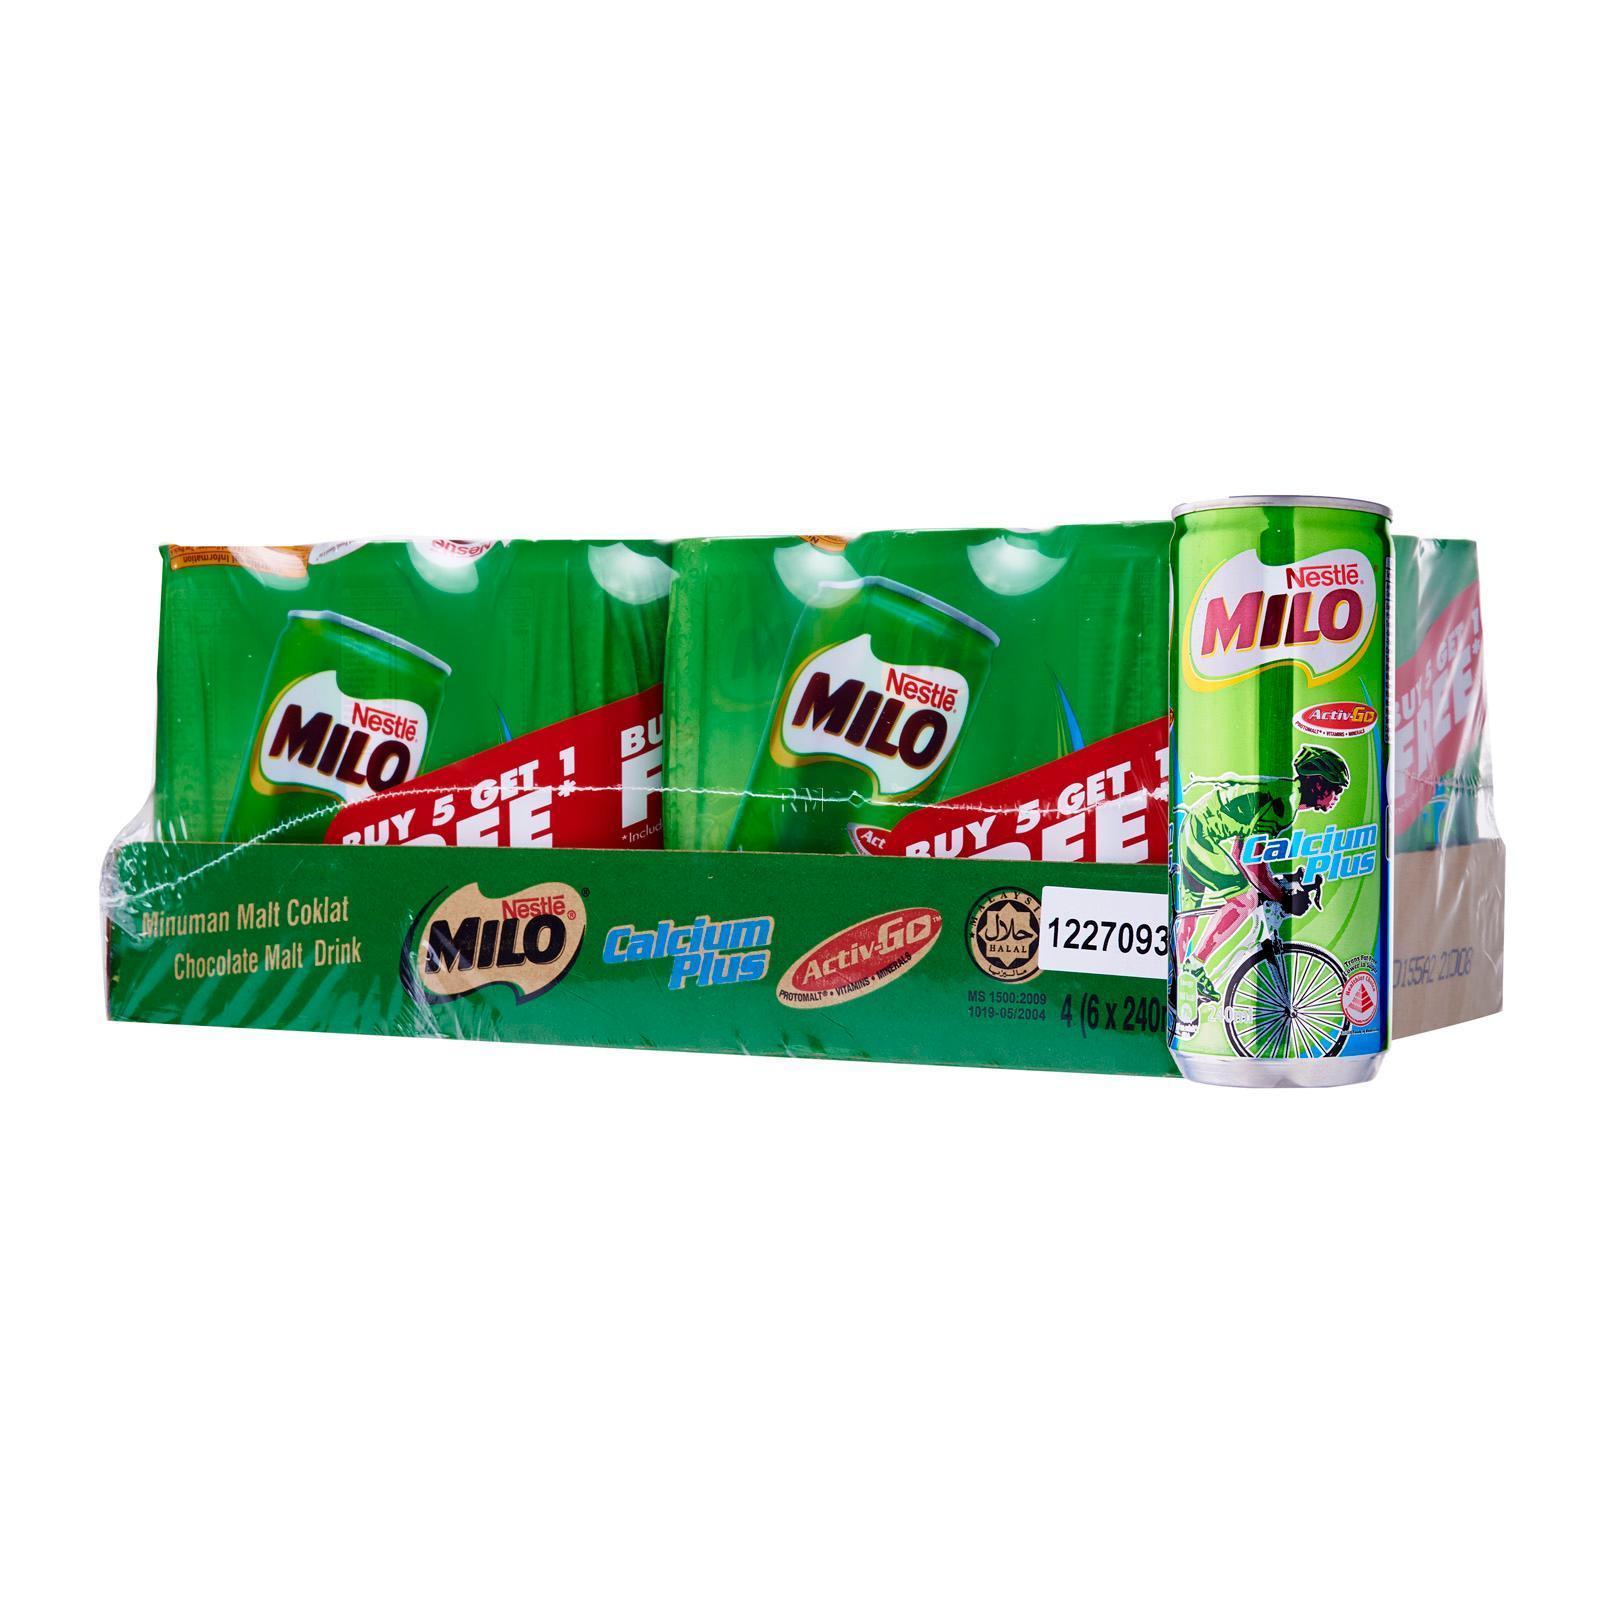 MILO Can Calcium Plus (5+1) - Case